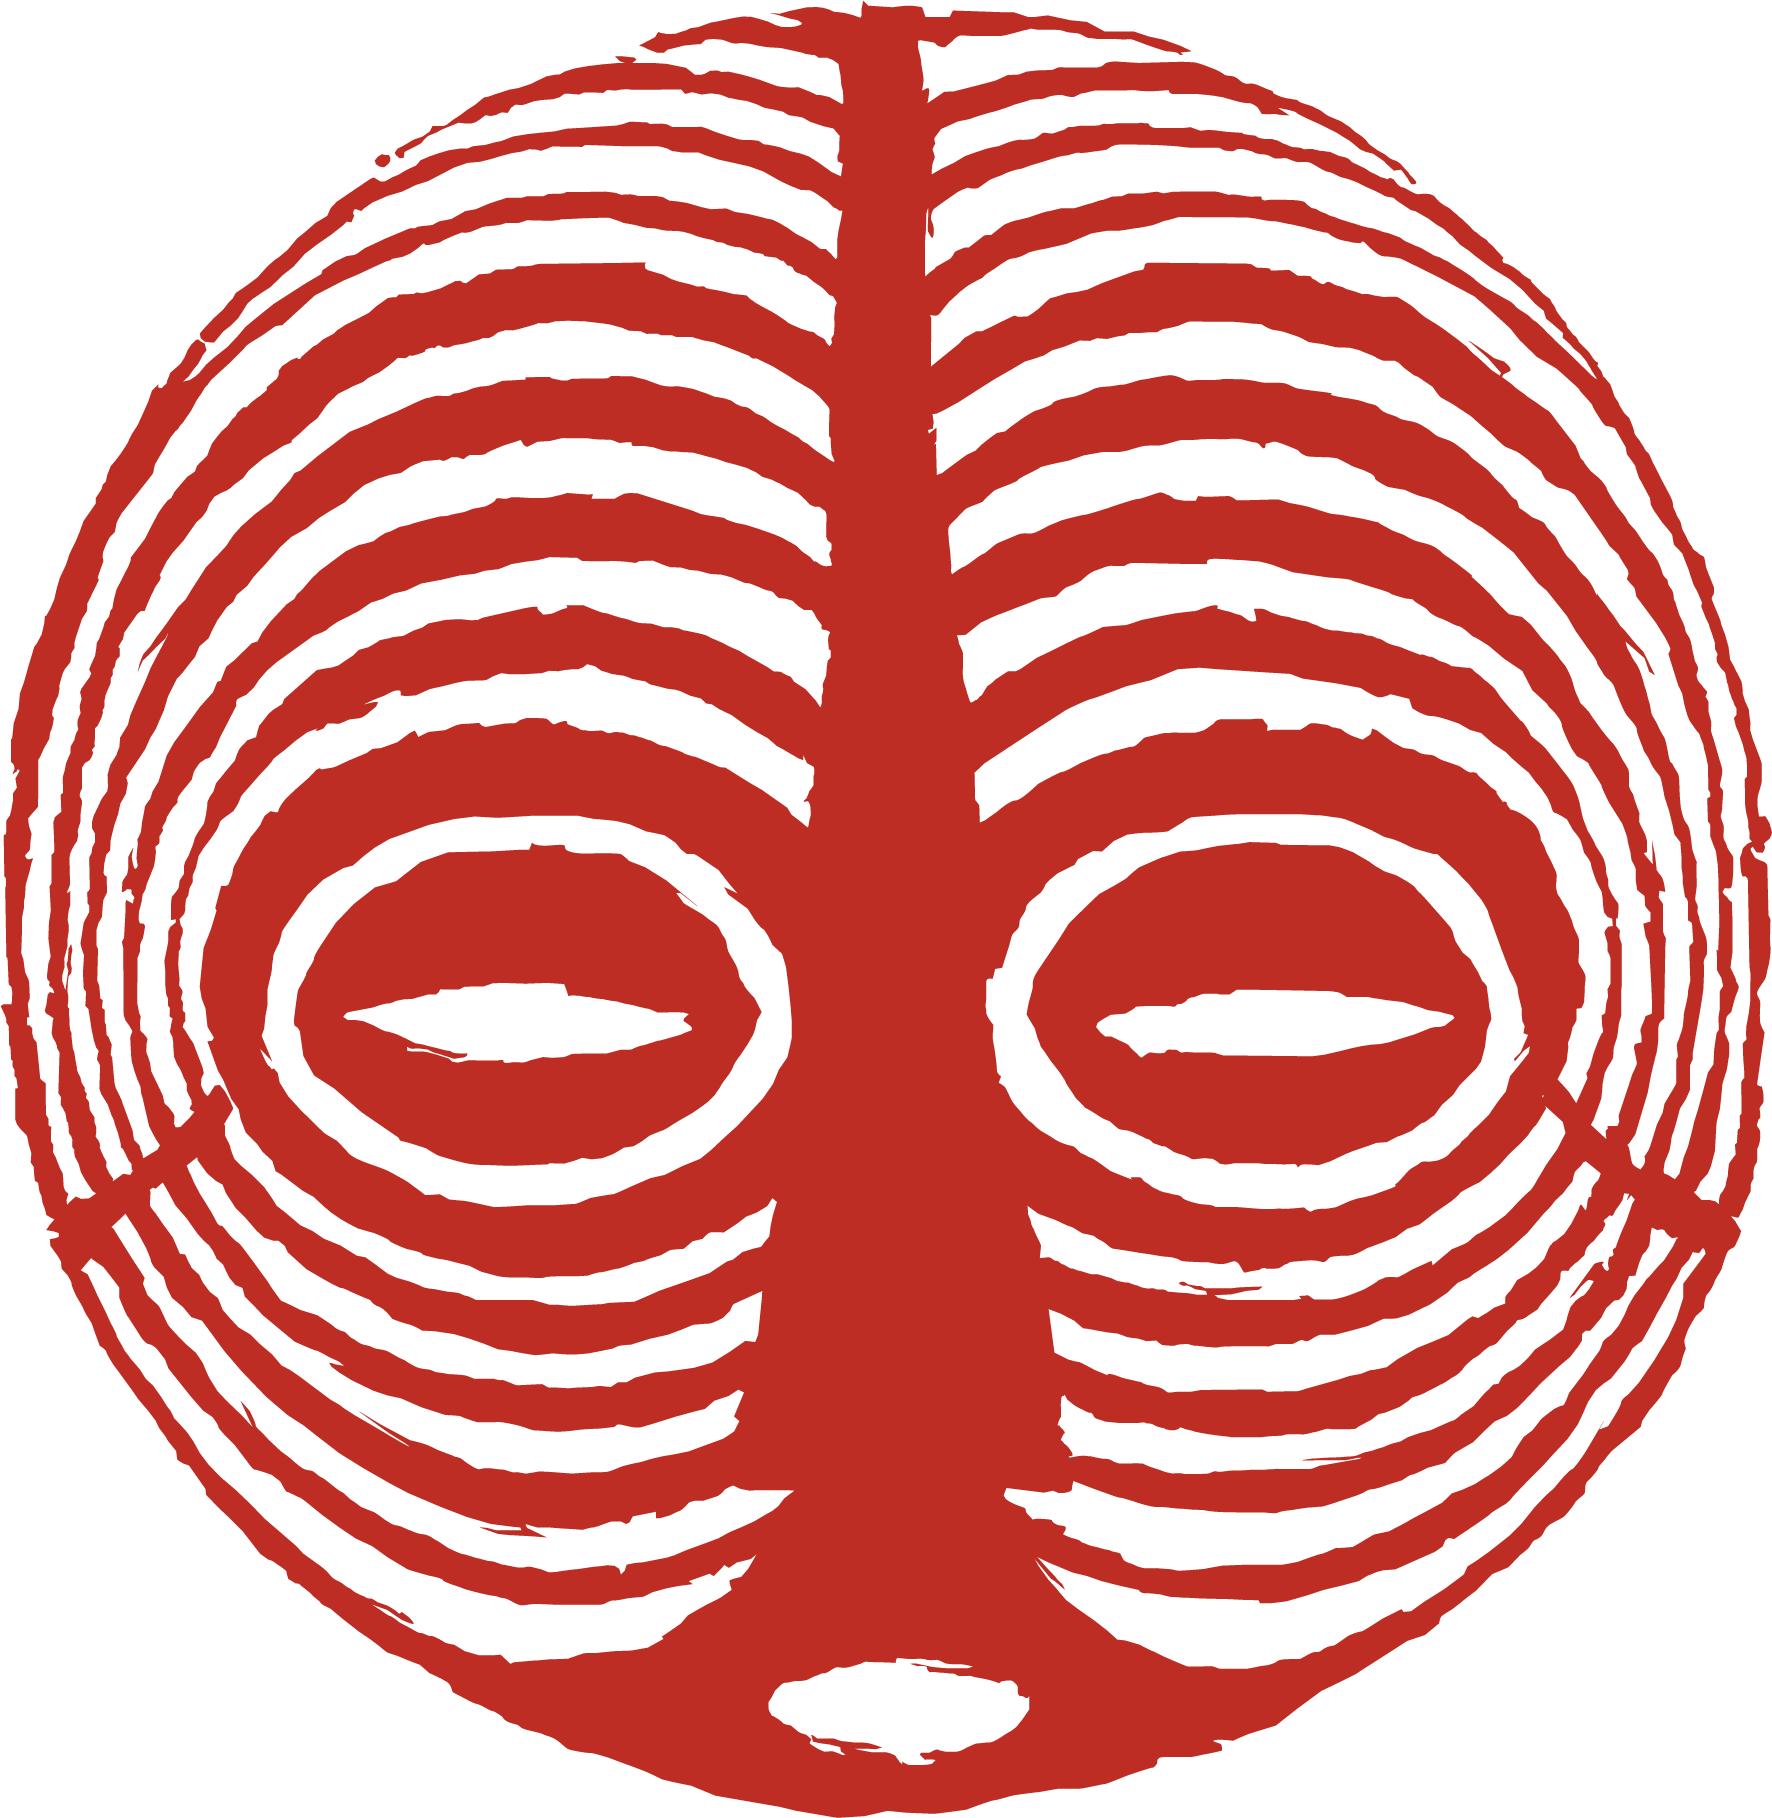 Logo BRUNEAF et nom rouge copie 2.png